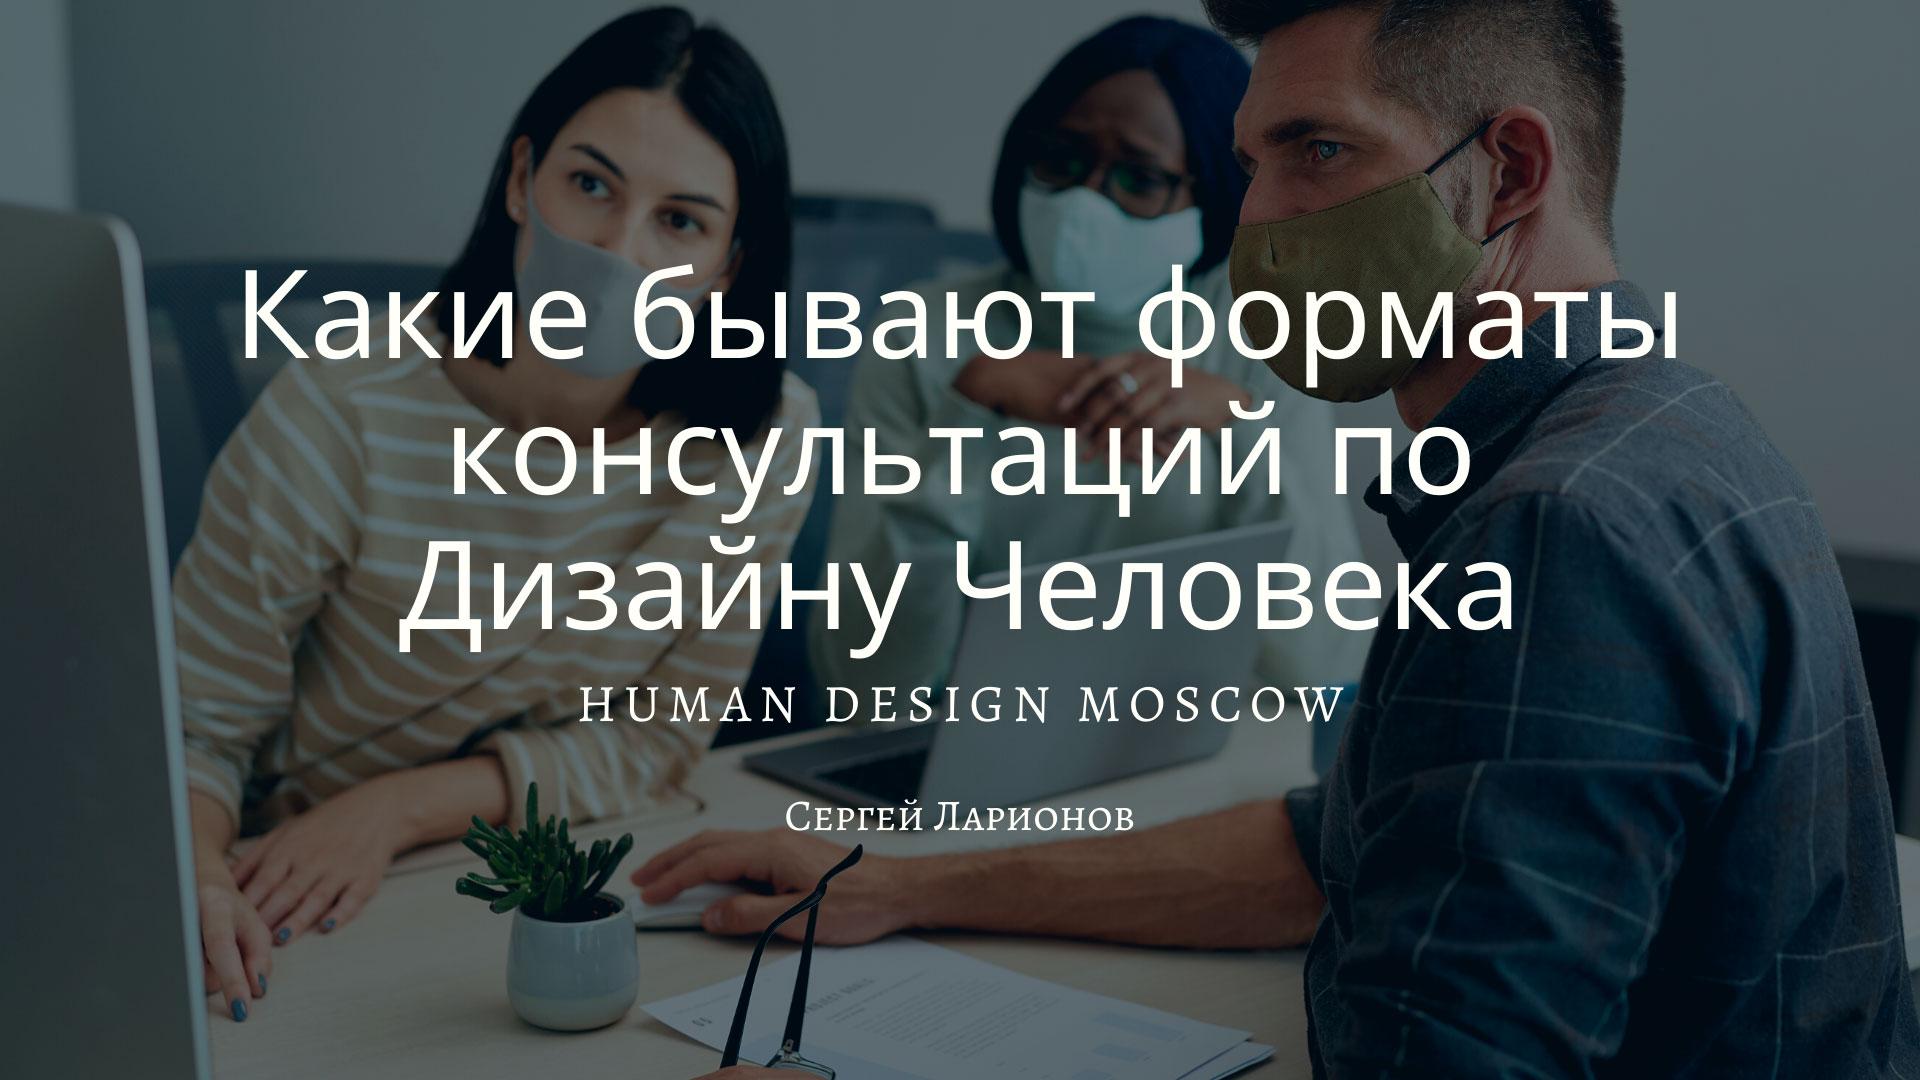 Какие бывают форматы консультаций по Дизайну Человека